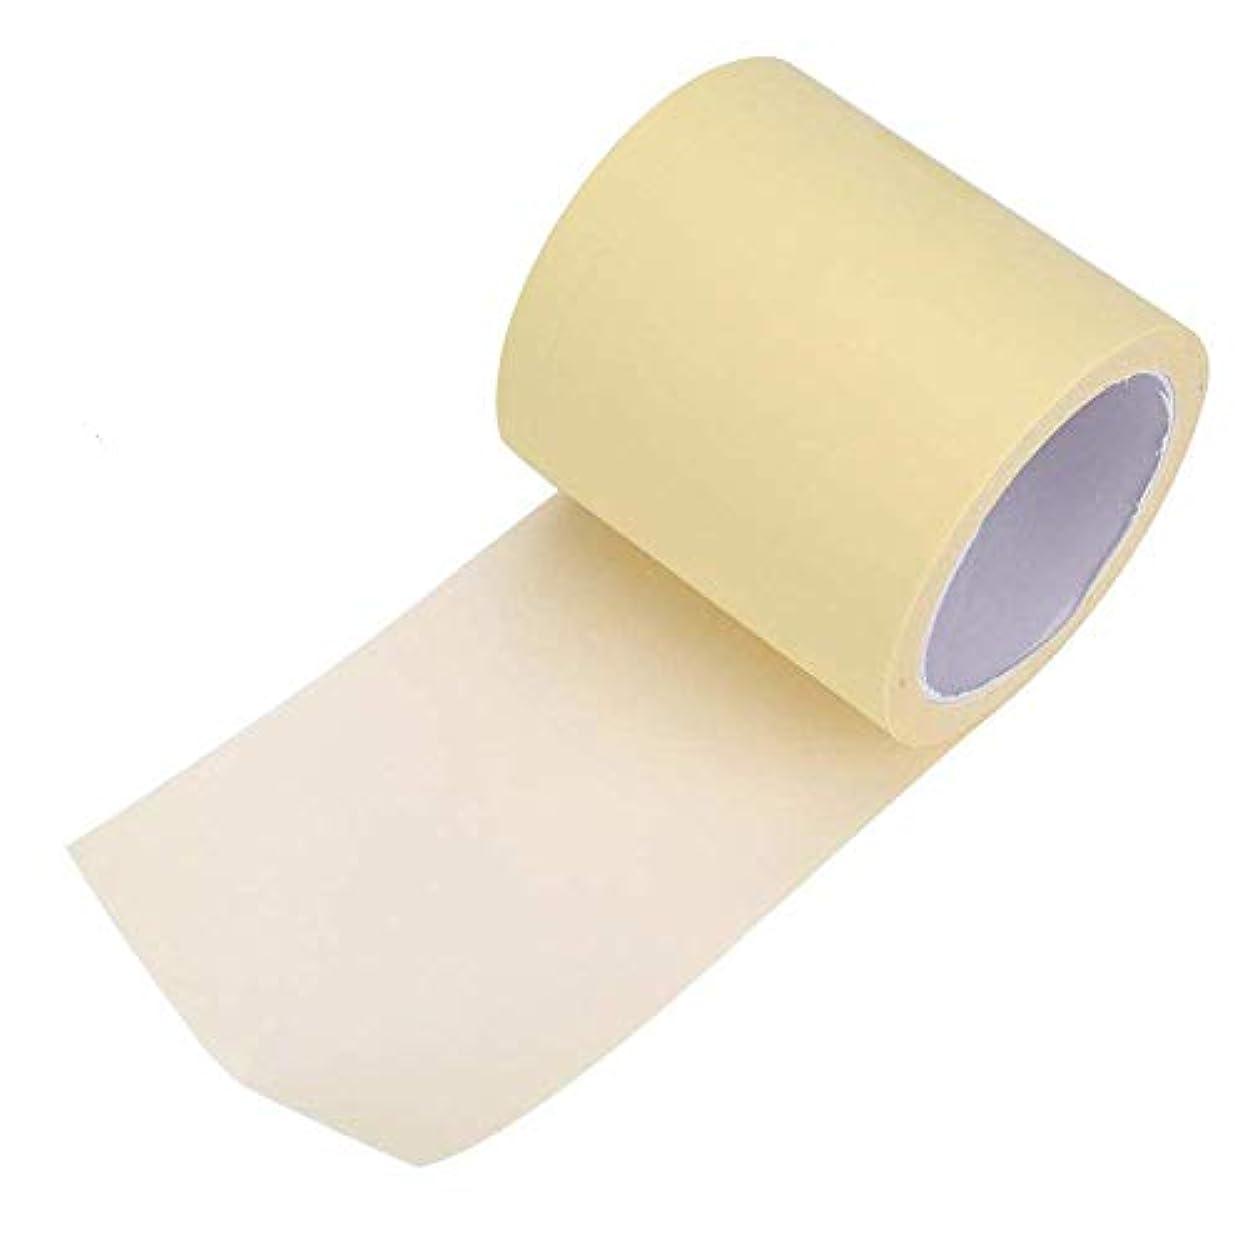 制約更新する落ち着かない脇の下汗パッド抗菌加工 皮膚に優しい 脇の汗染み防止 男性 女性対応全長6m,透明